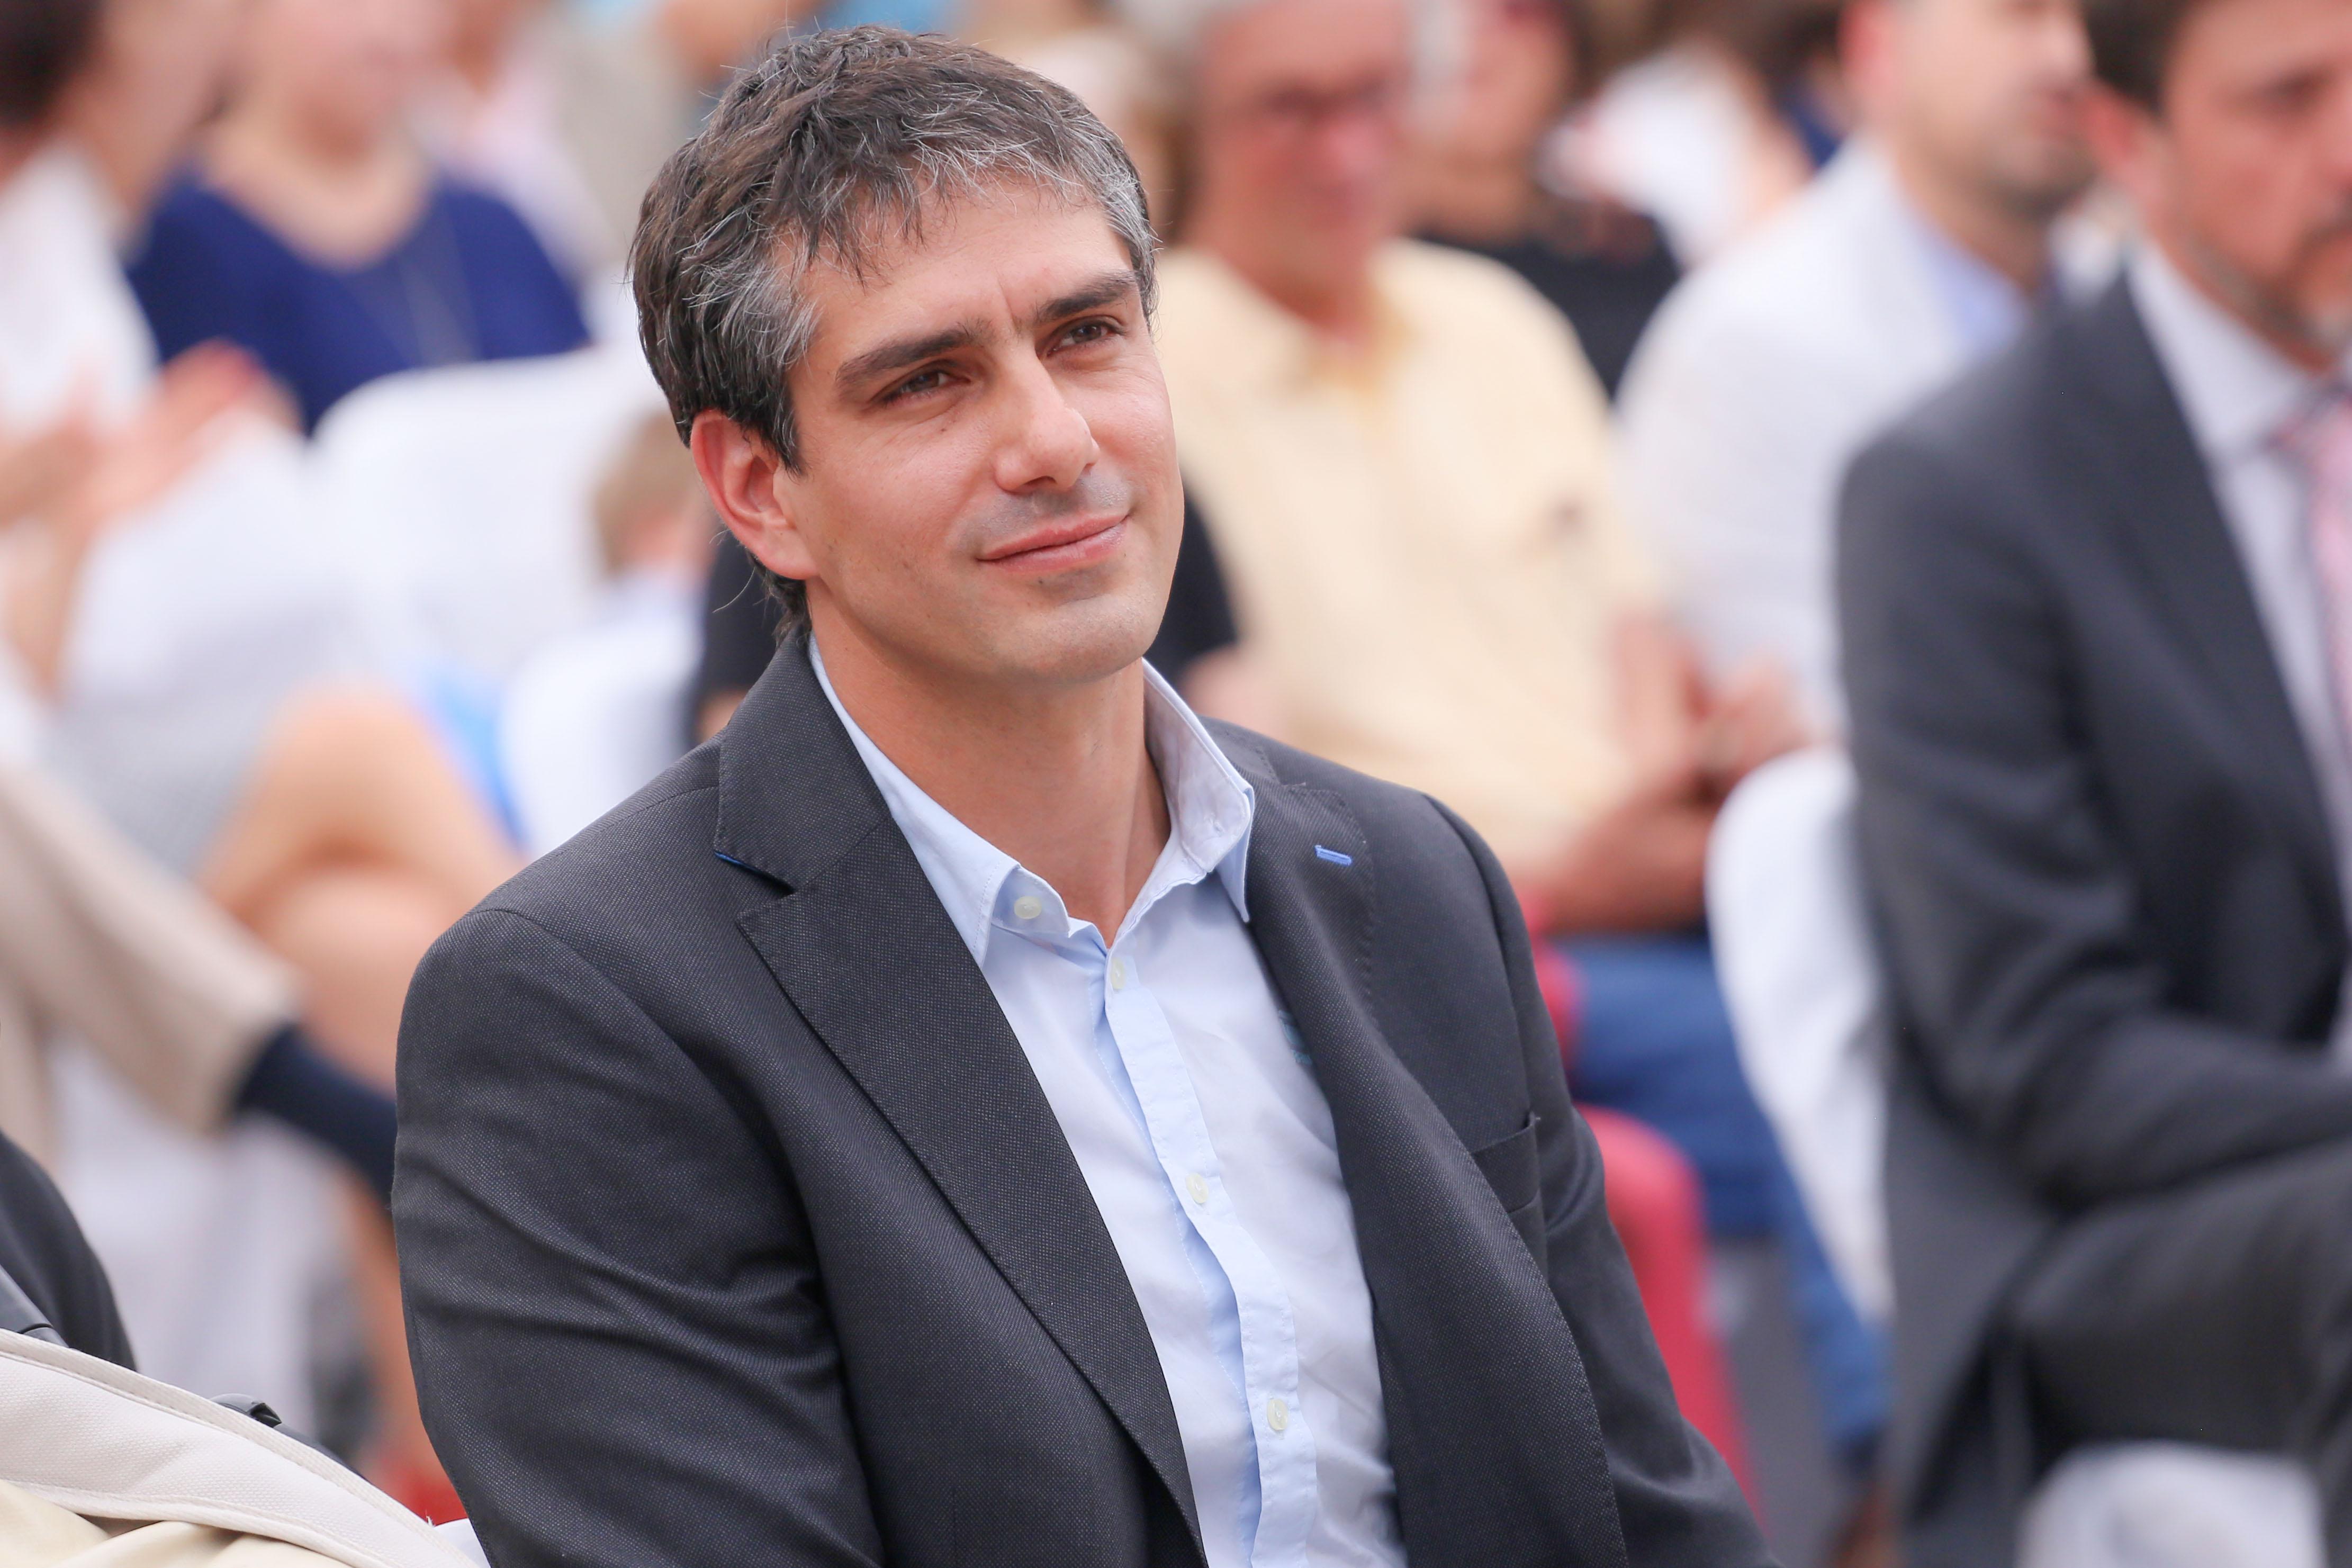 José Manuel Palacios